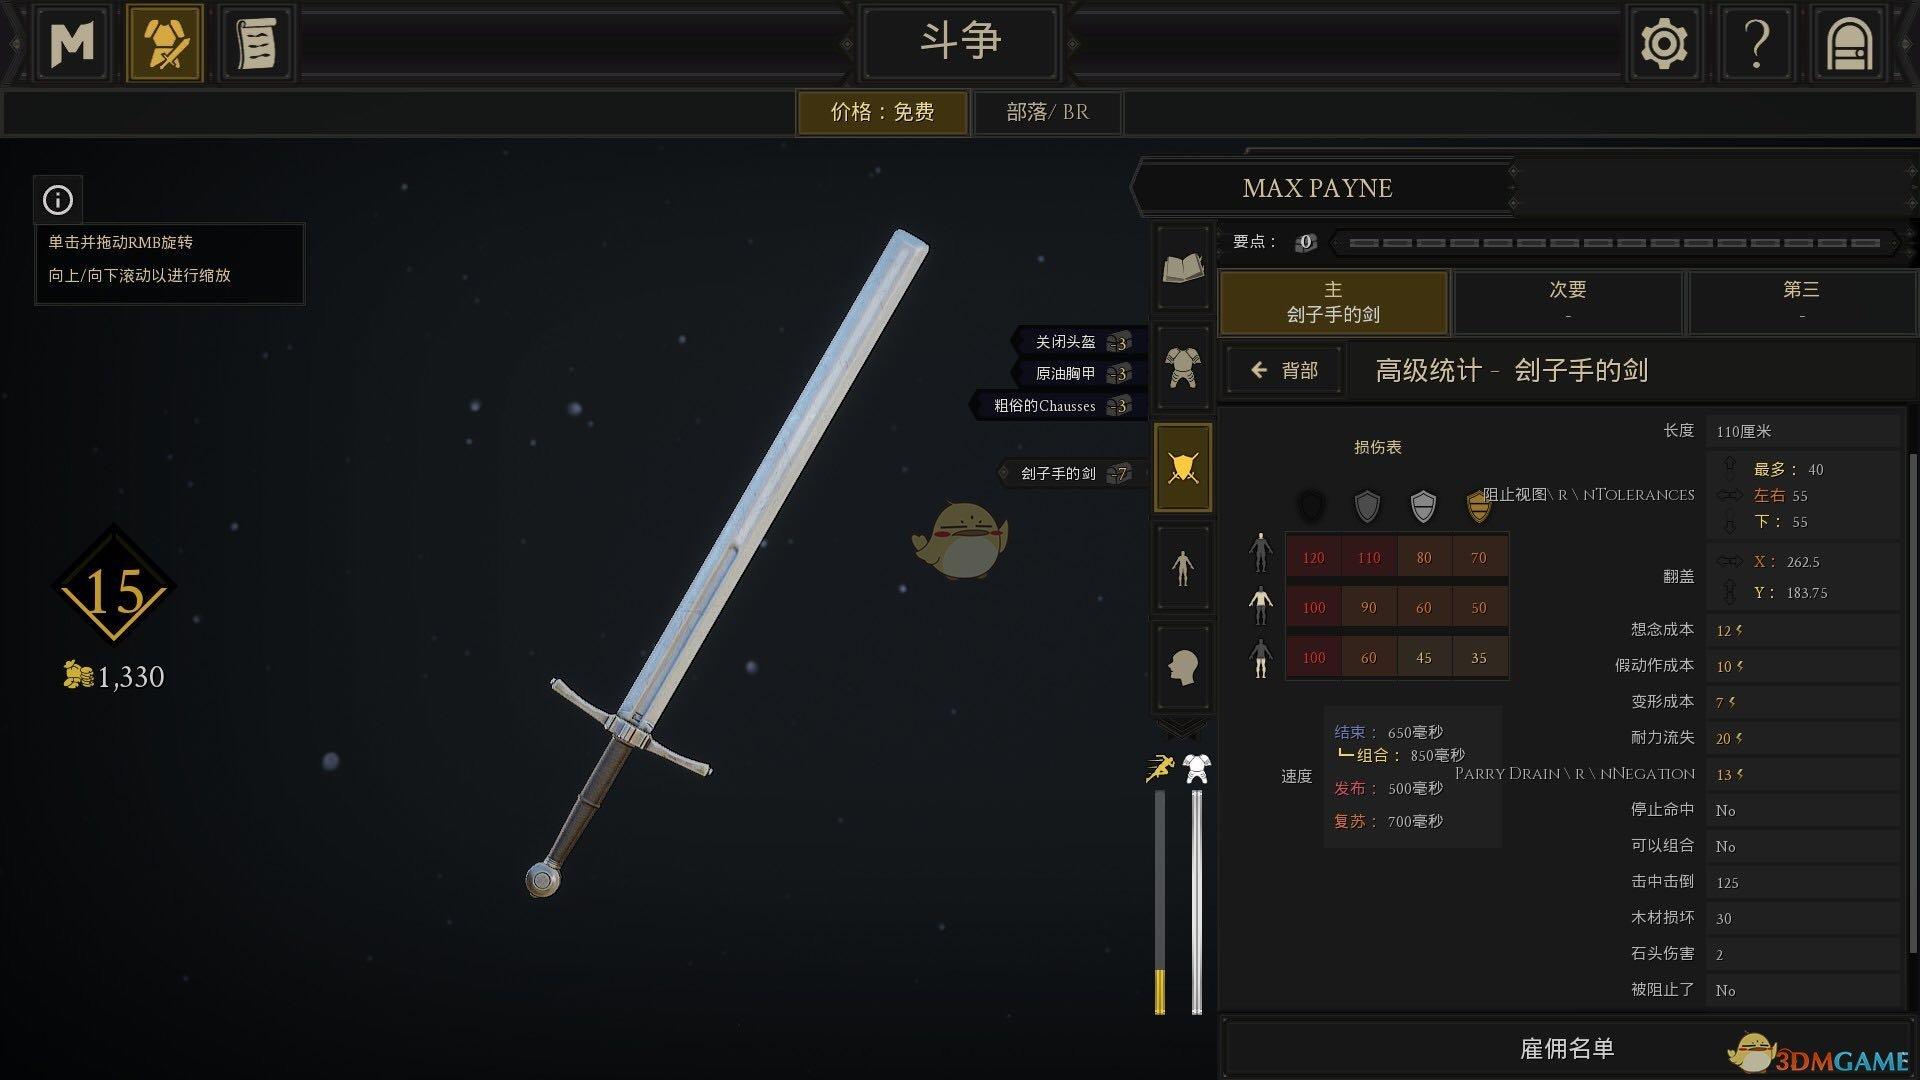 《雷霆一击(MORDHAU)》刽子手剑加点推荐